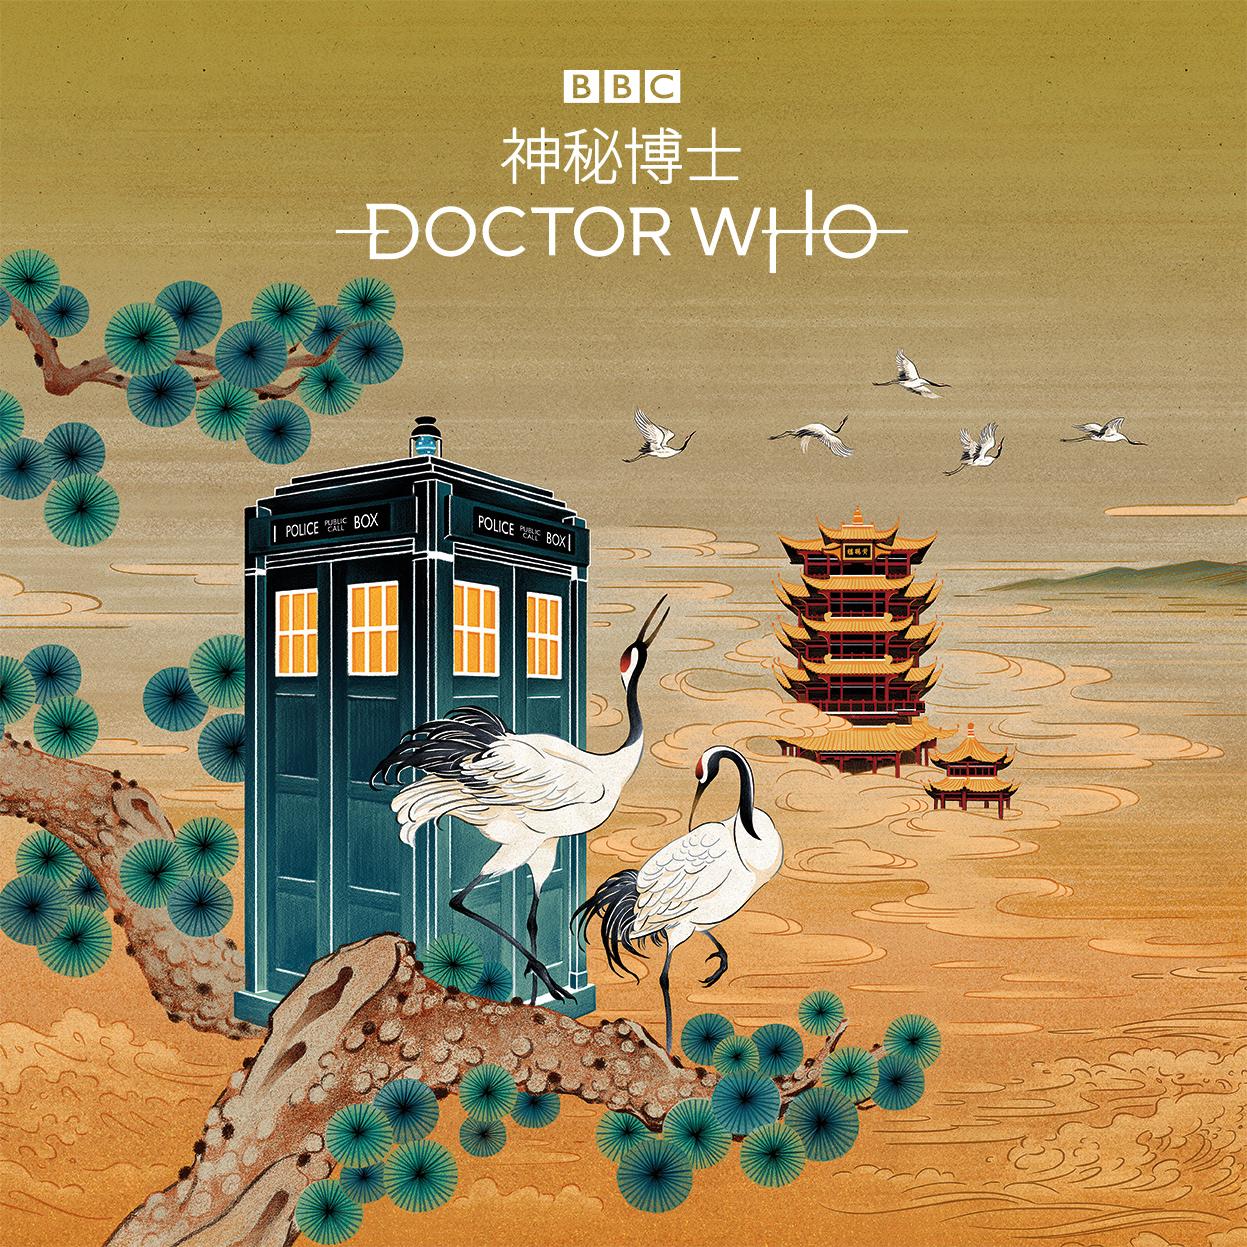 feifei-ruan-dr-who-04 Il TARDIS della serie Doctor Who si fa un viaggio in cina!